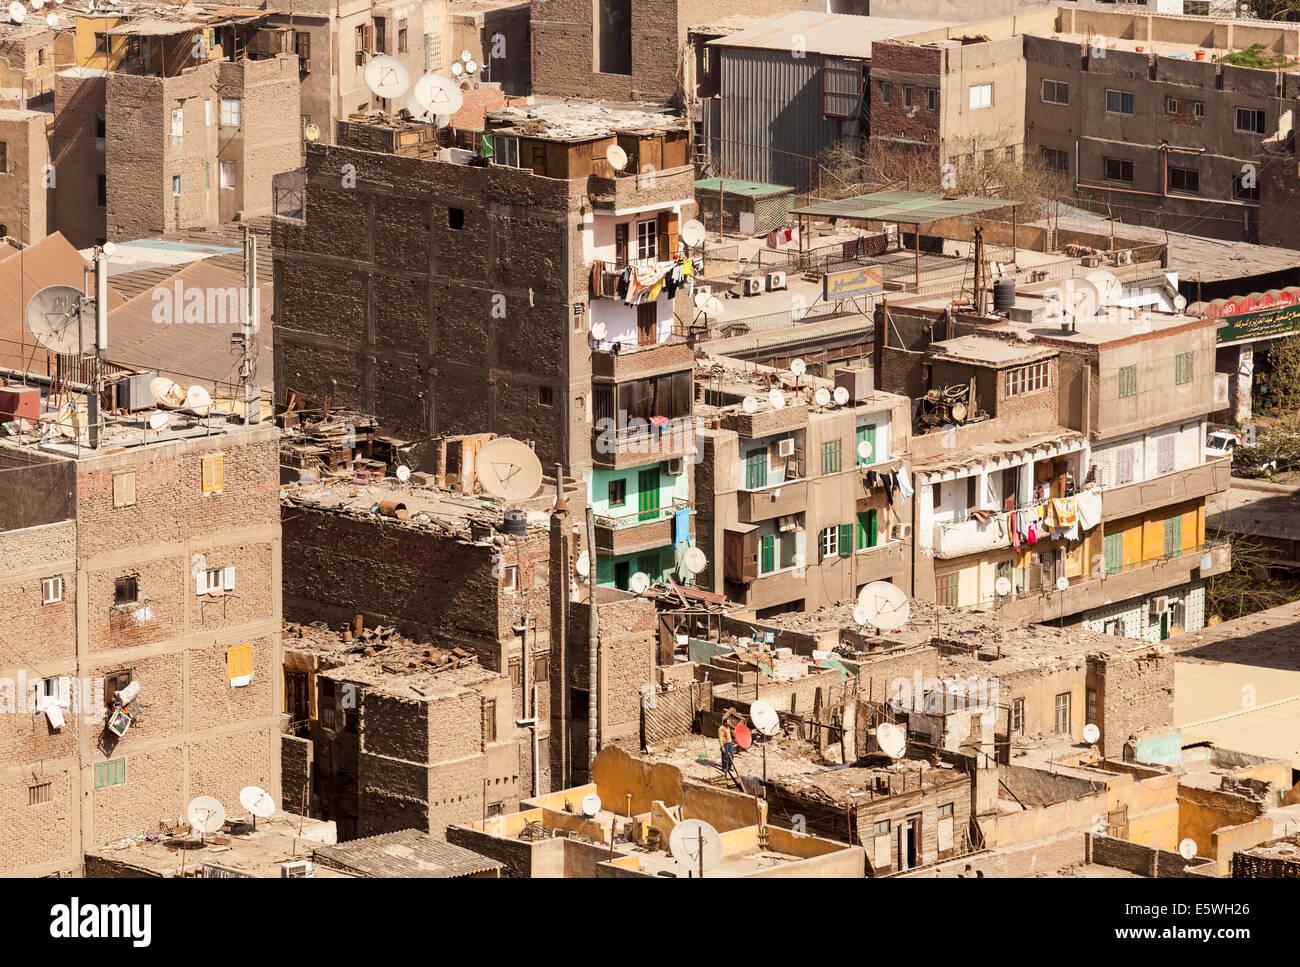 Kairo, Ägypten - Dächer von Slum-Gebäude in der Innenstadt von Kairo Stockbild